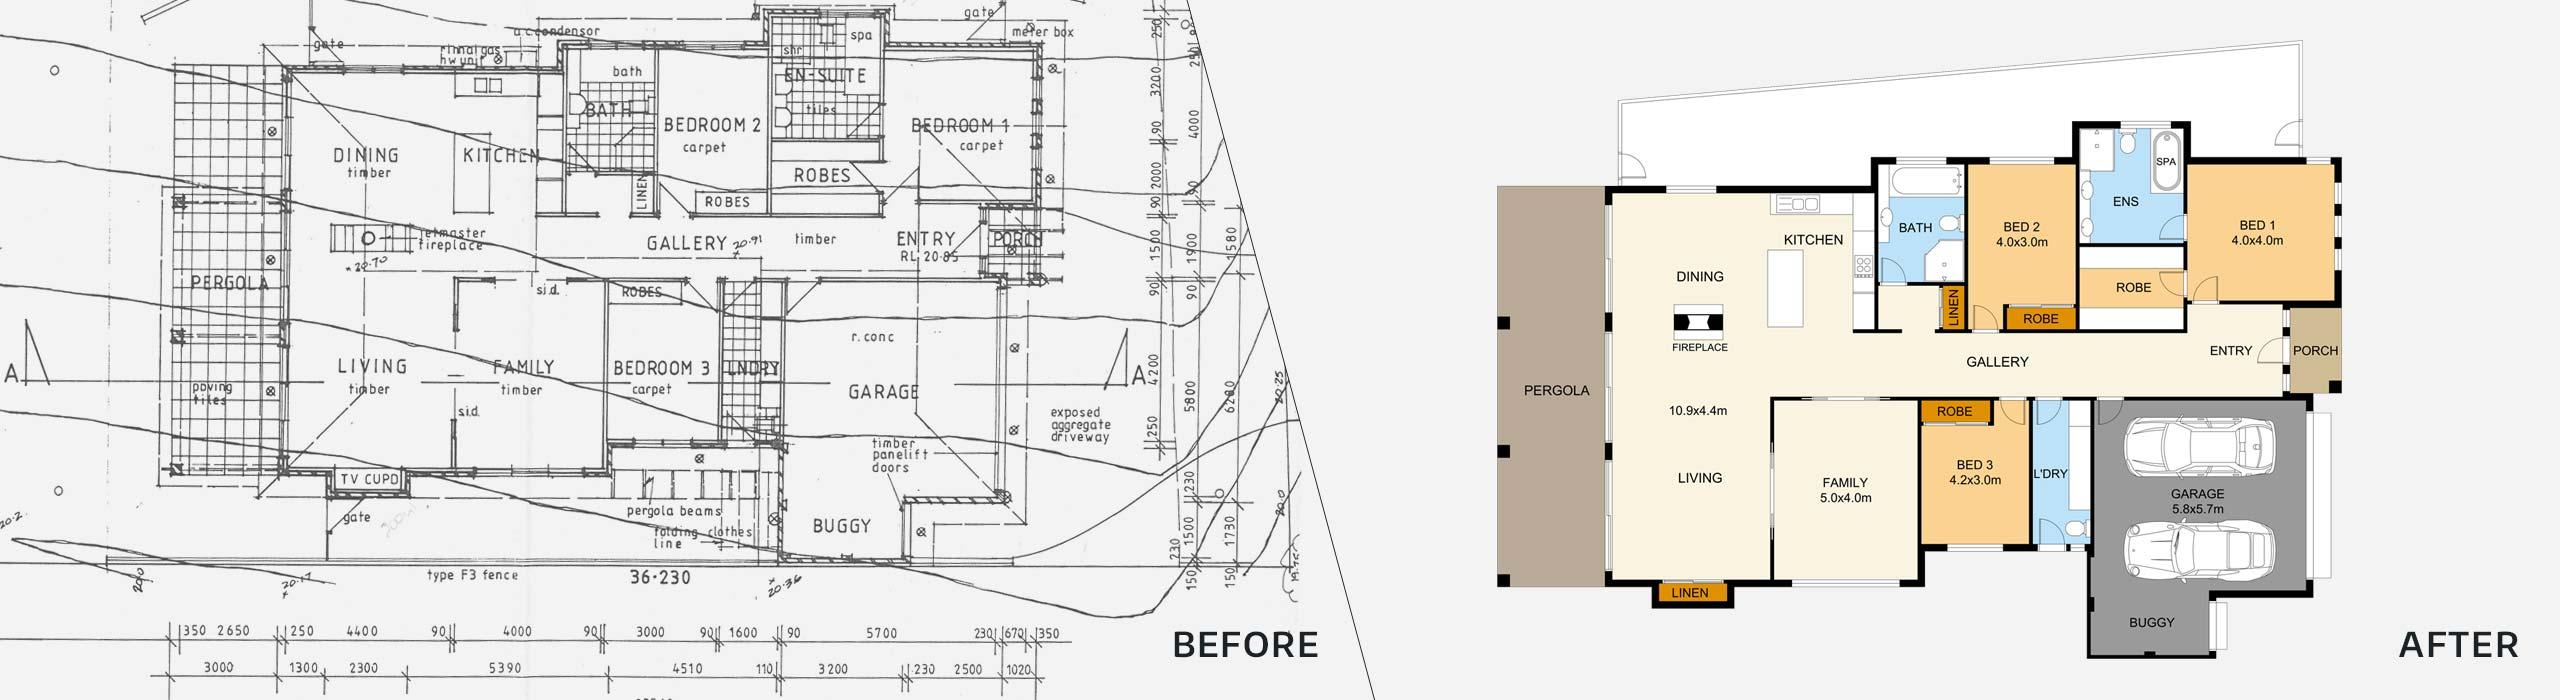 floorplans03